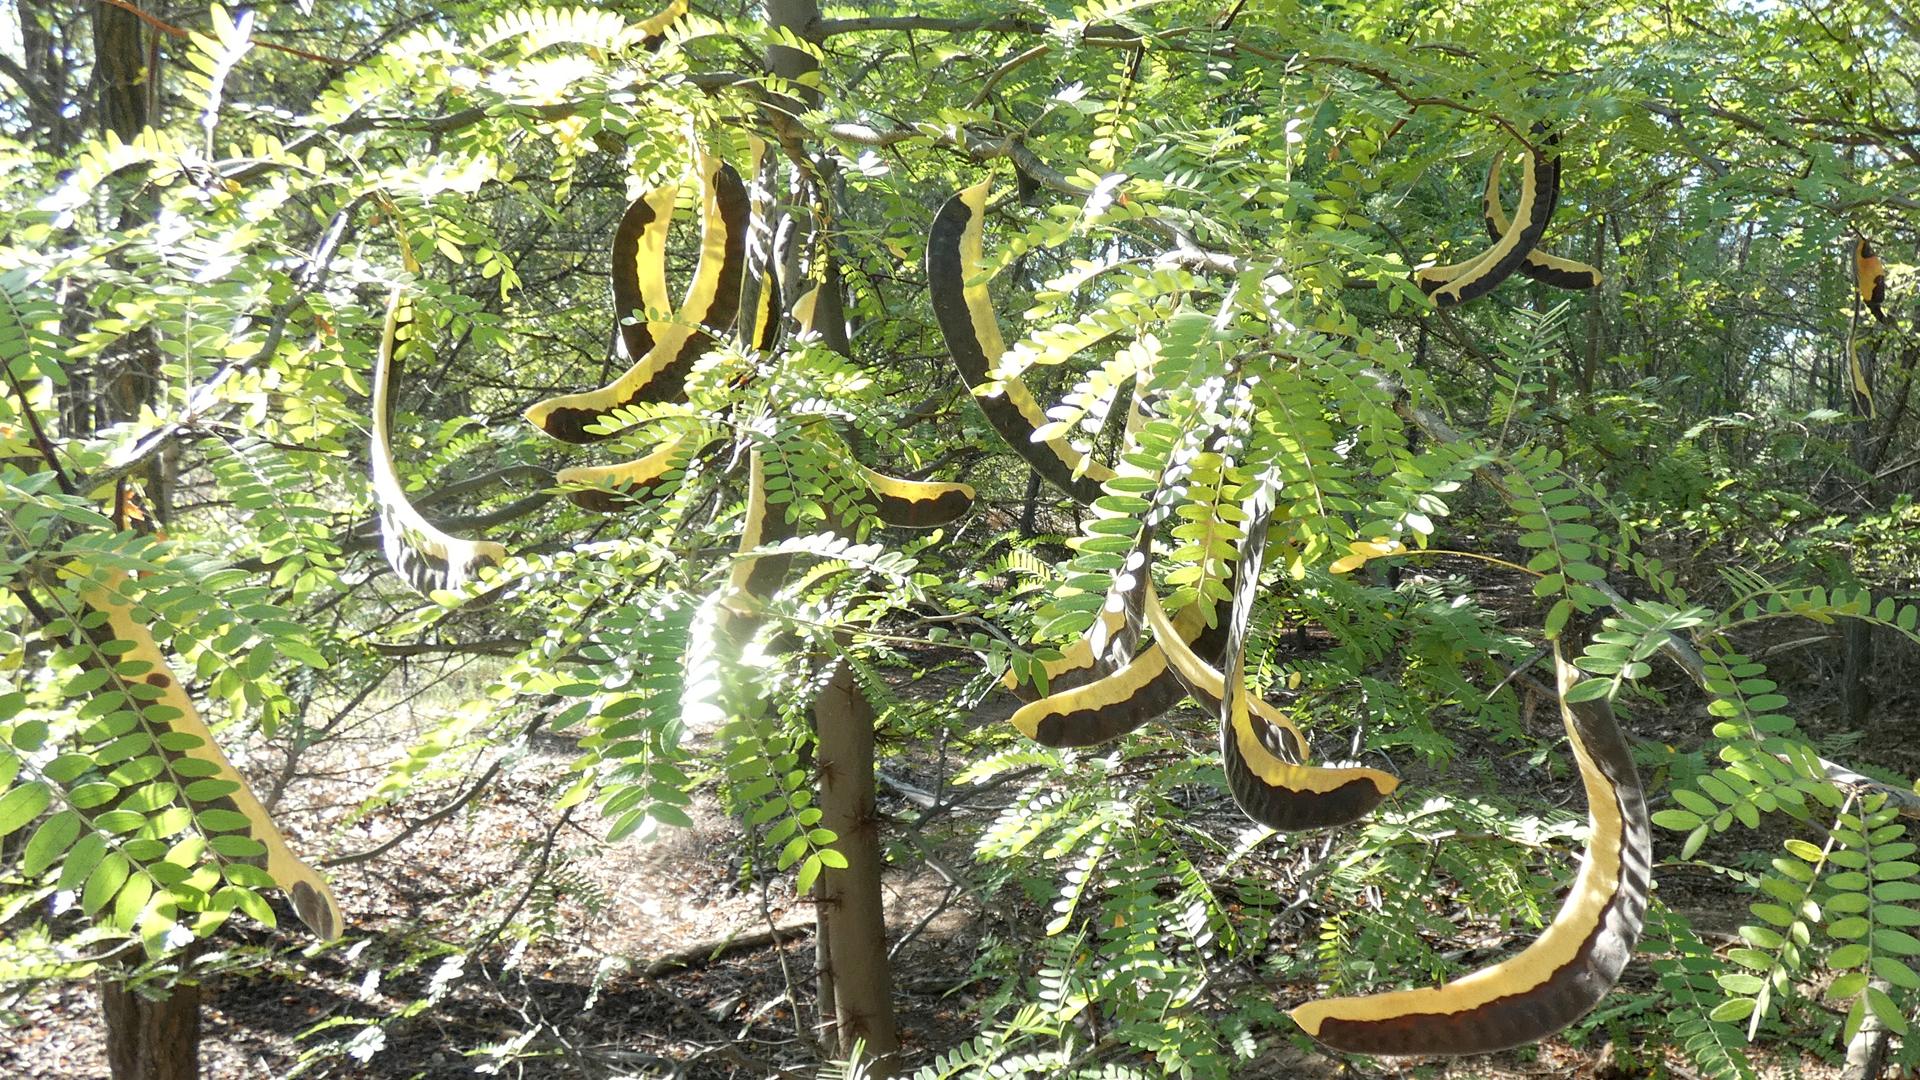 Seed pods, Rio Grande Bosque, Albuquerque, September 2021